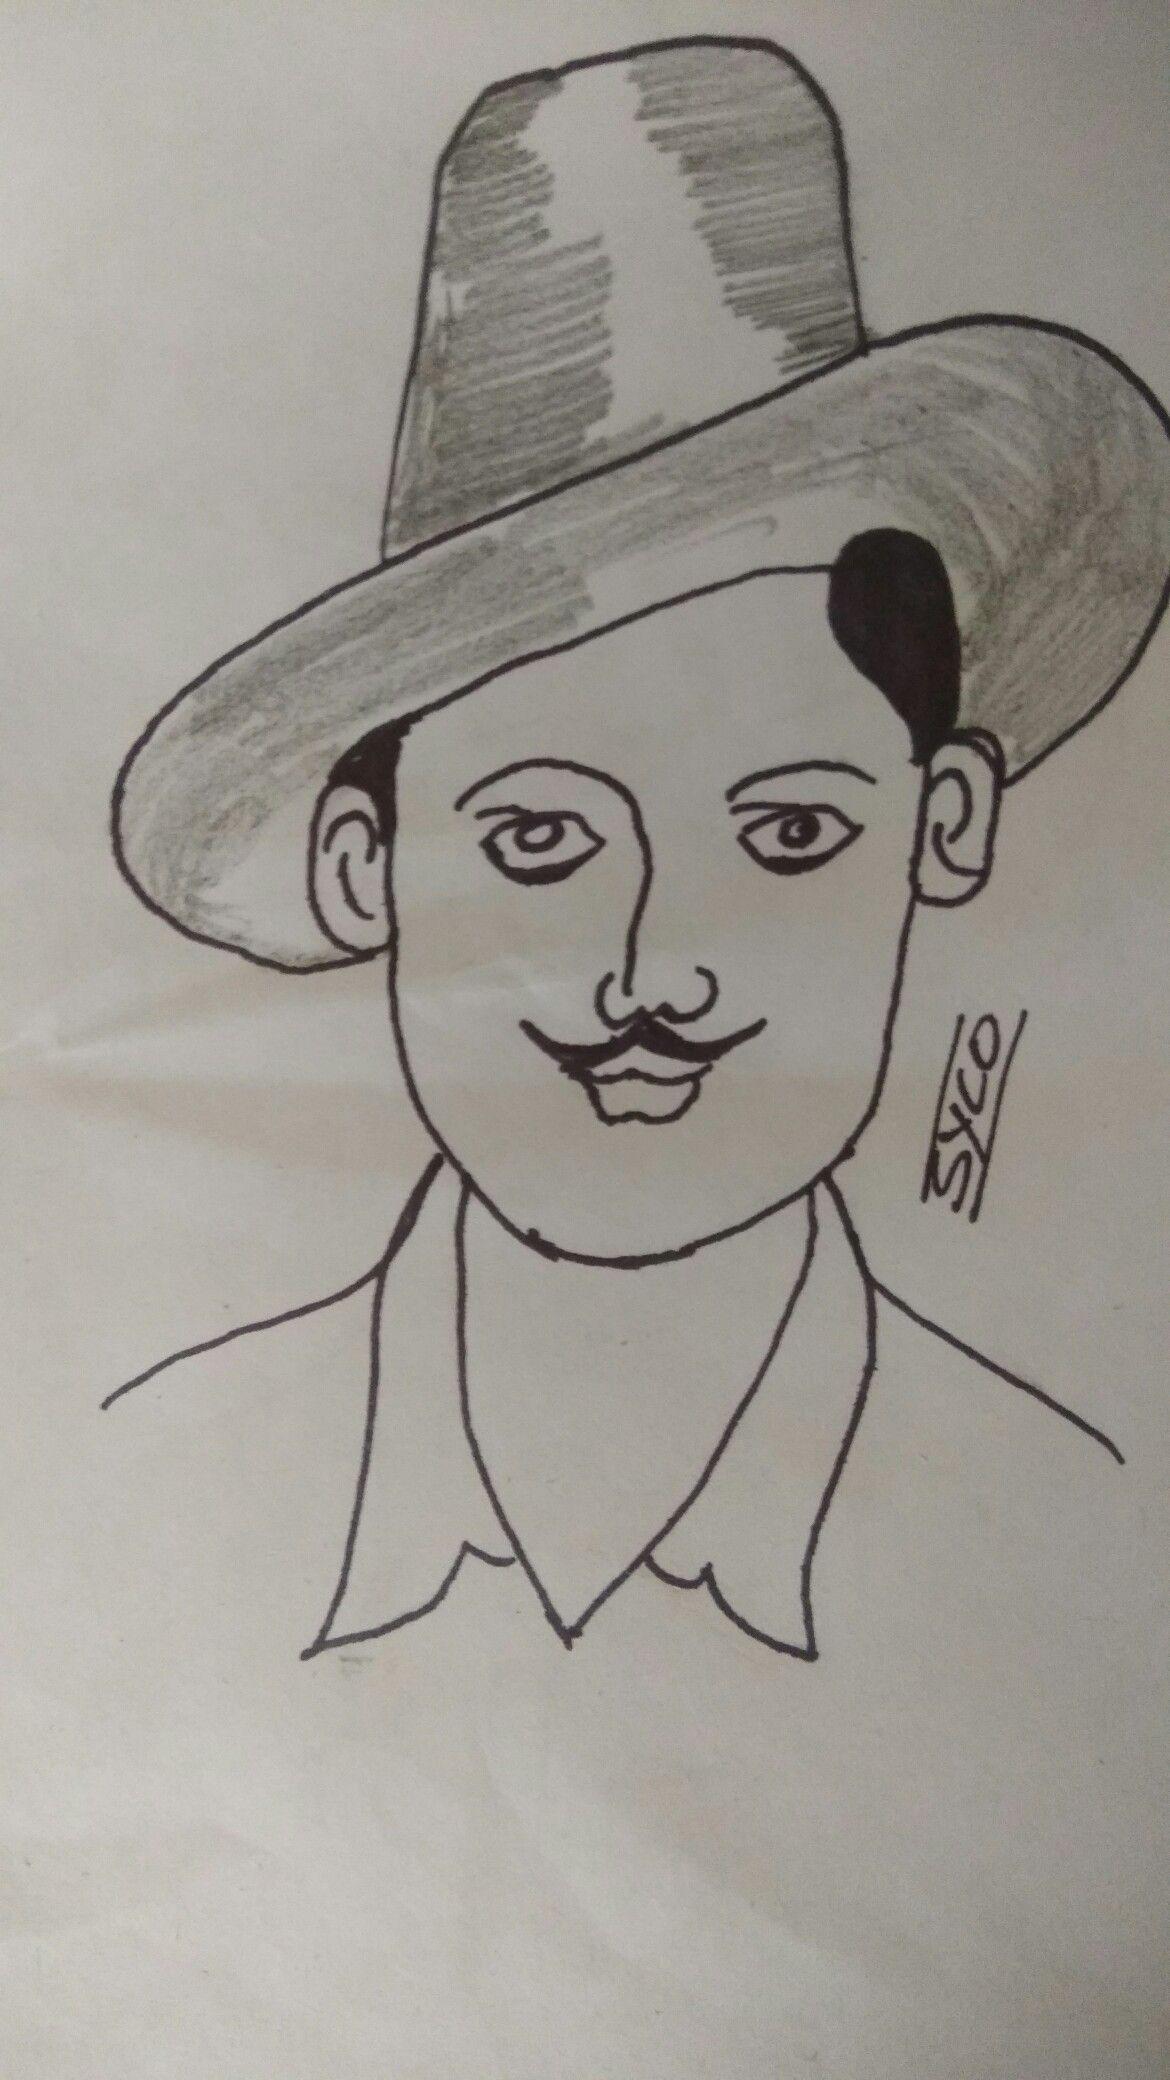 Sahid bhagat singh